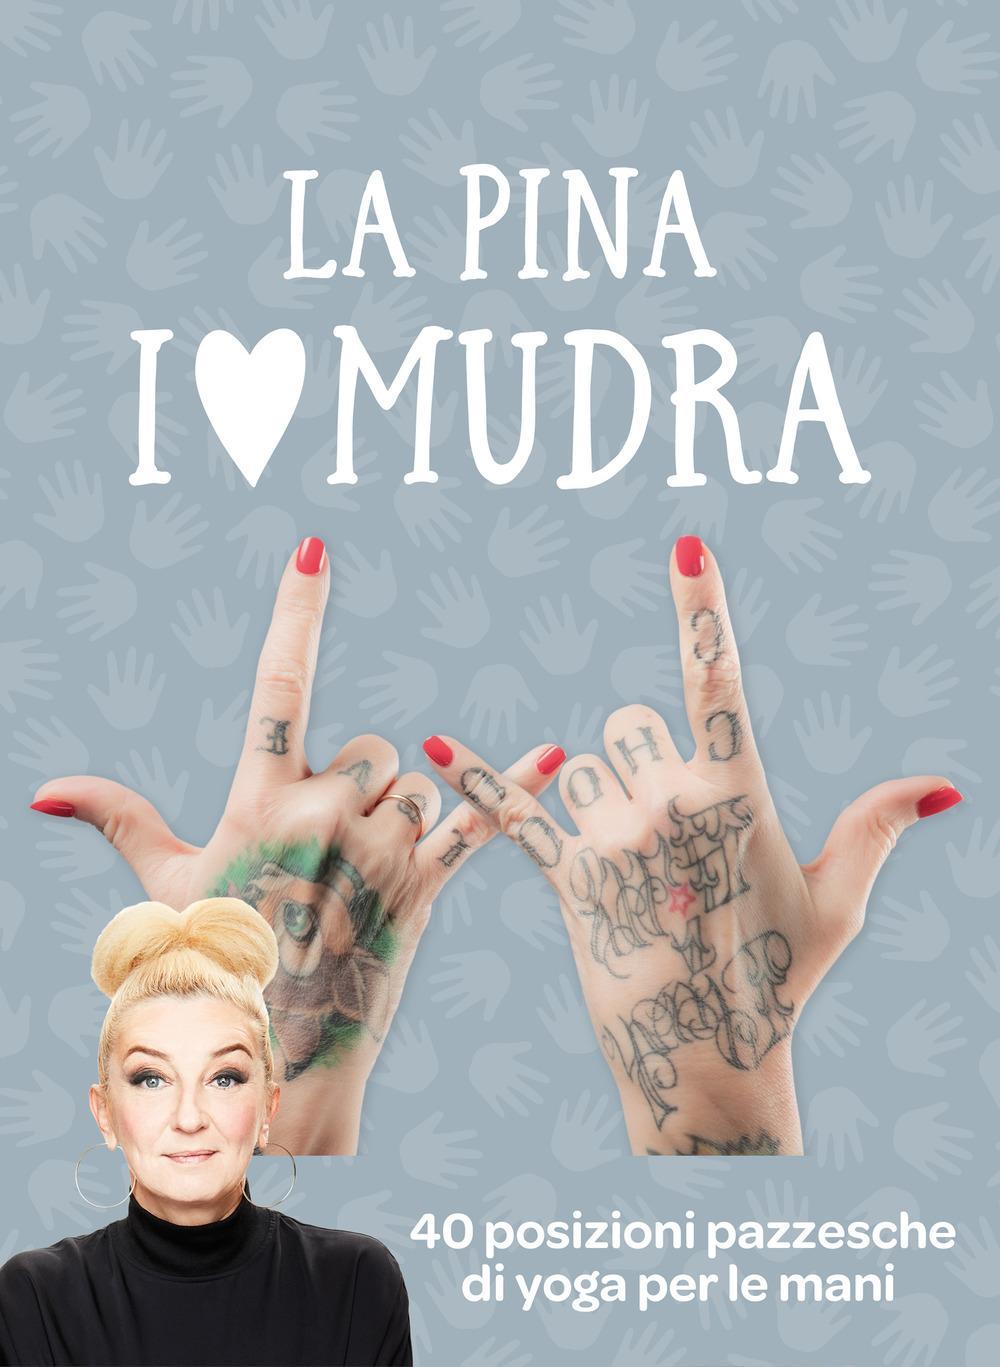 I ❤️LOVE ❤️ MUDRA di La Pina